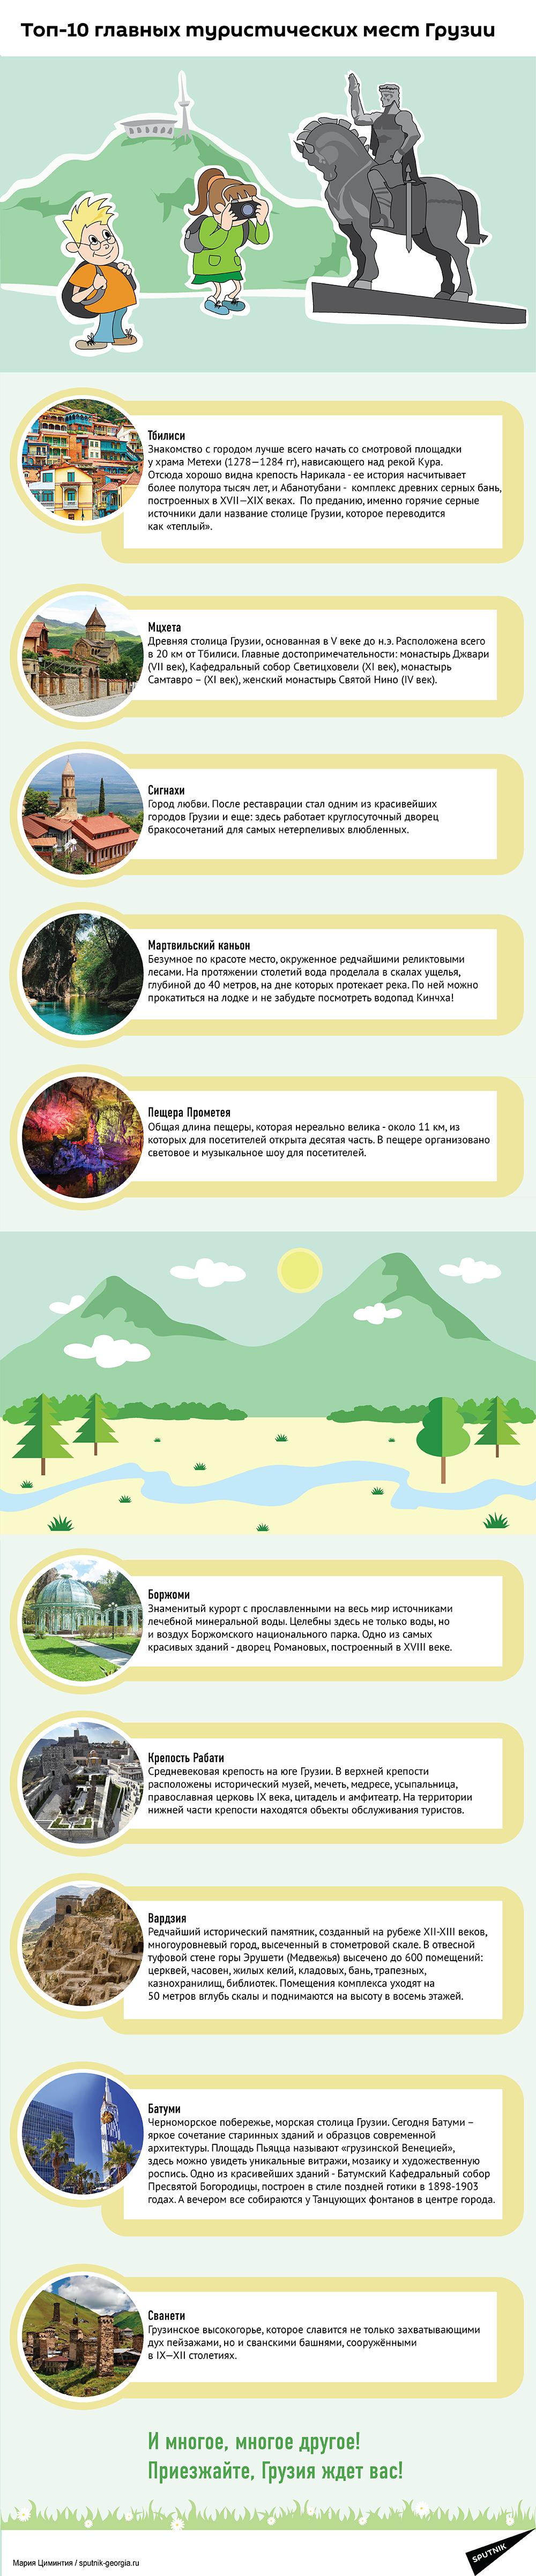 Топ-10 главных туристических мест Грузии